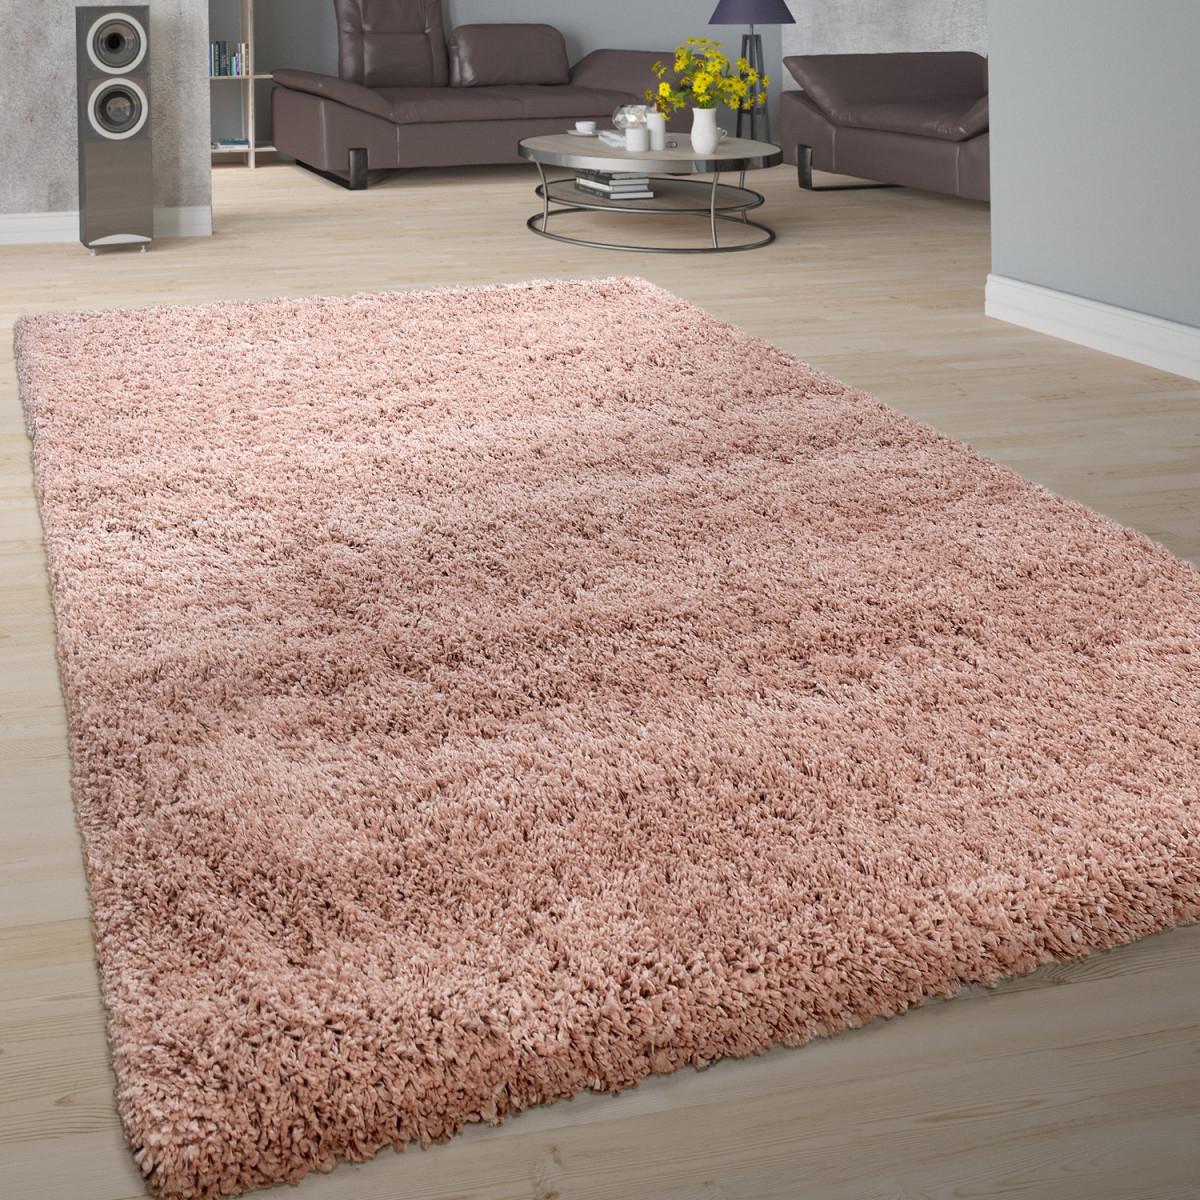 Details Zu Teppich Wohnzimmer Soft Shaggy Hochflor Modern Flauschig  Einfarbig In Rosa von Rosa Teppich Wohnzimmer Bild